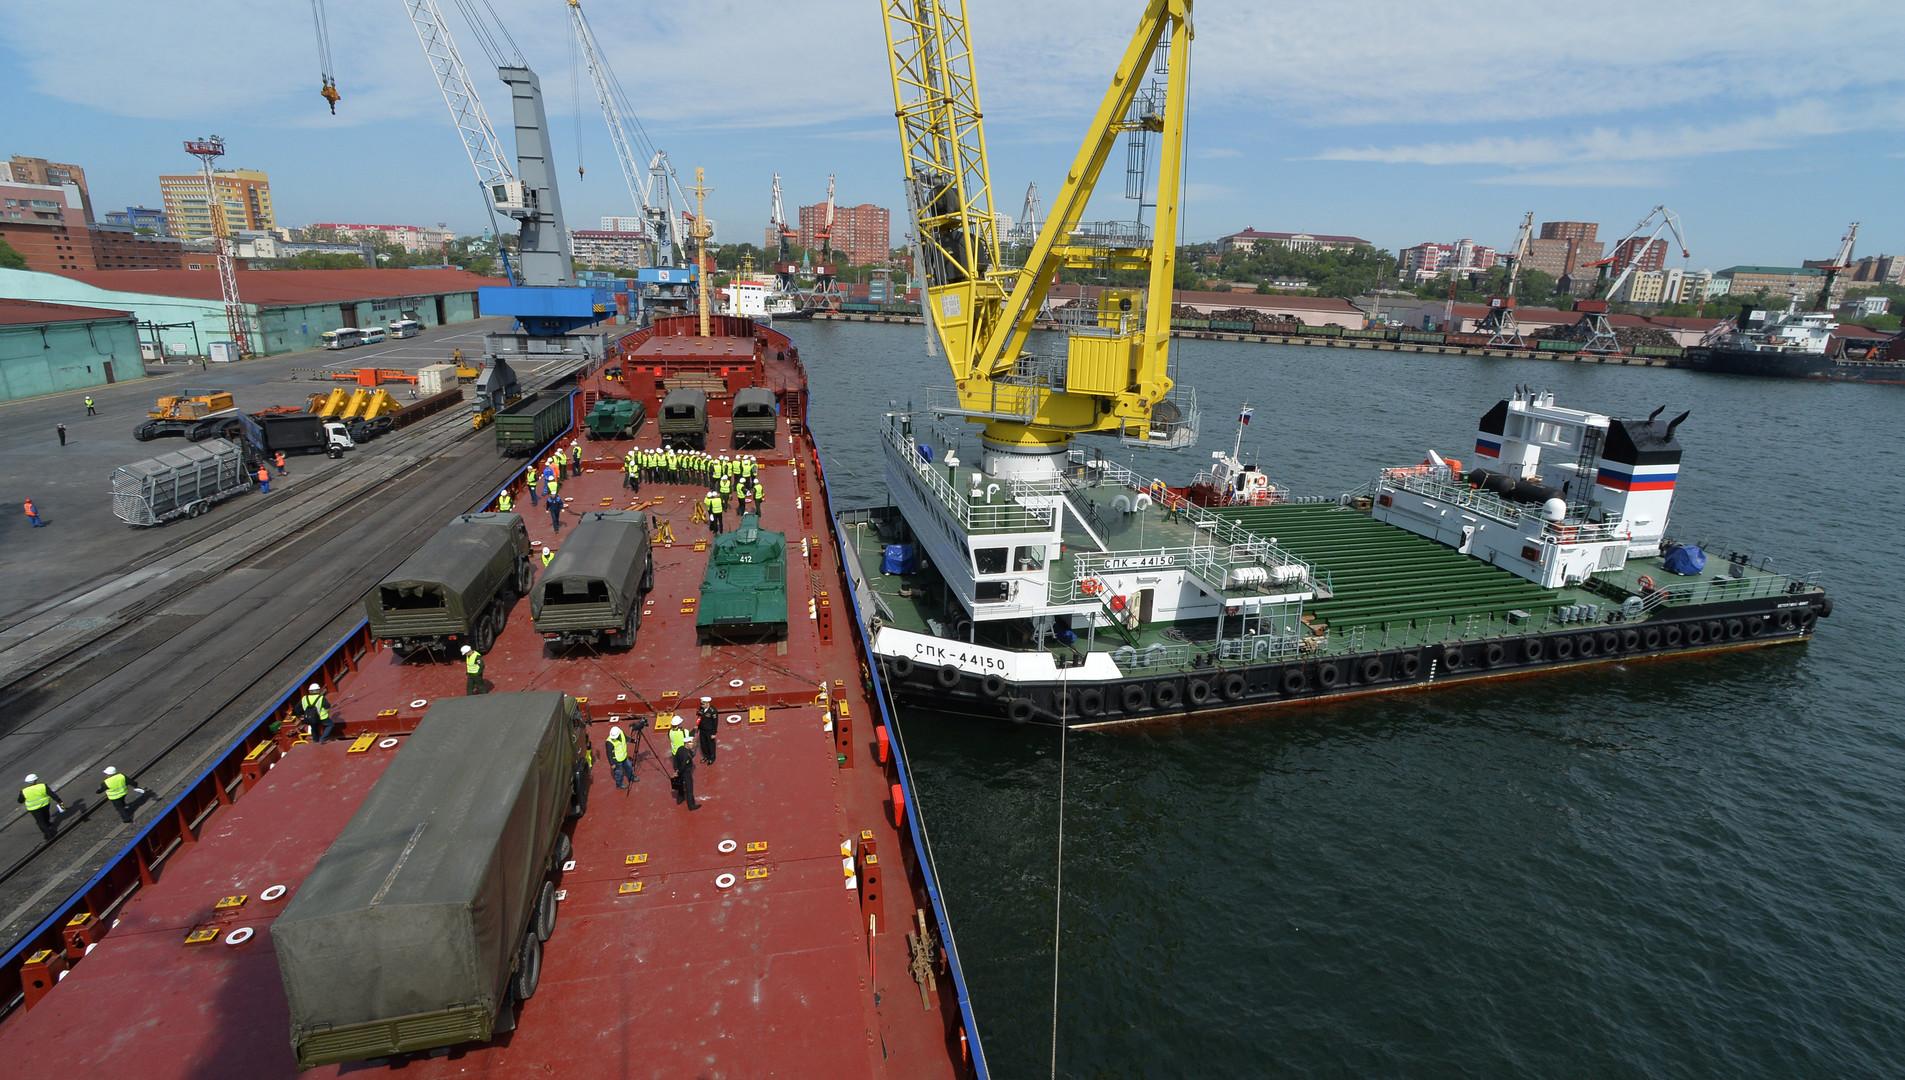 США объявили поиск компаний для обеспечения военных кораблей в русских портах